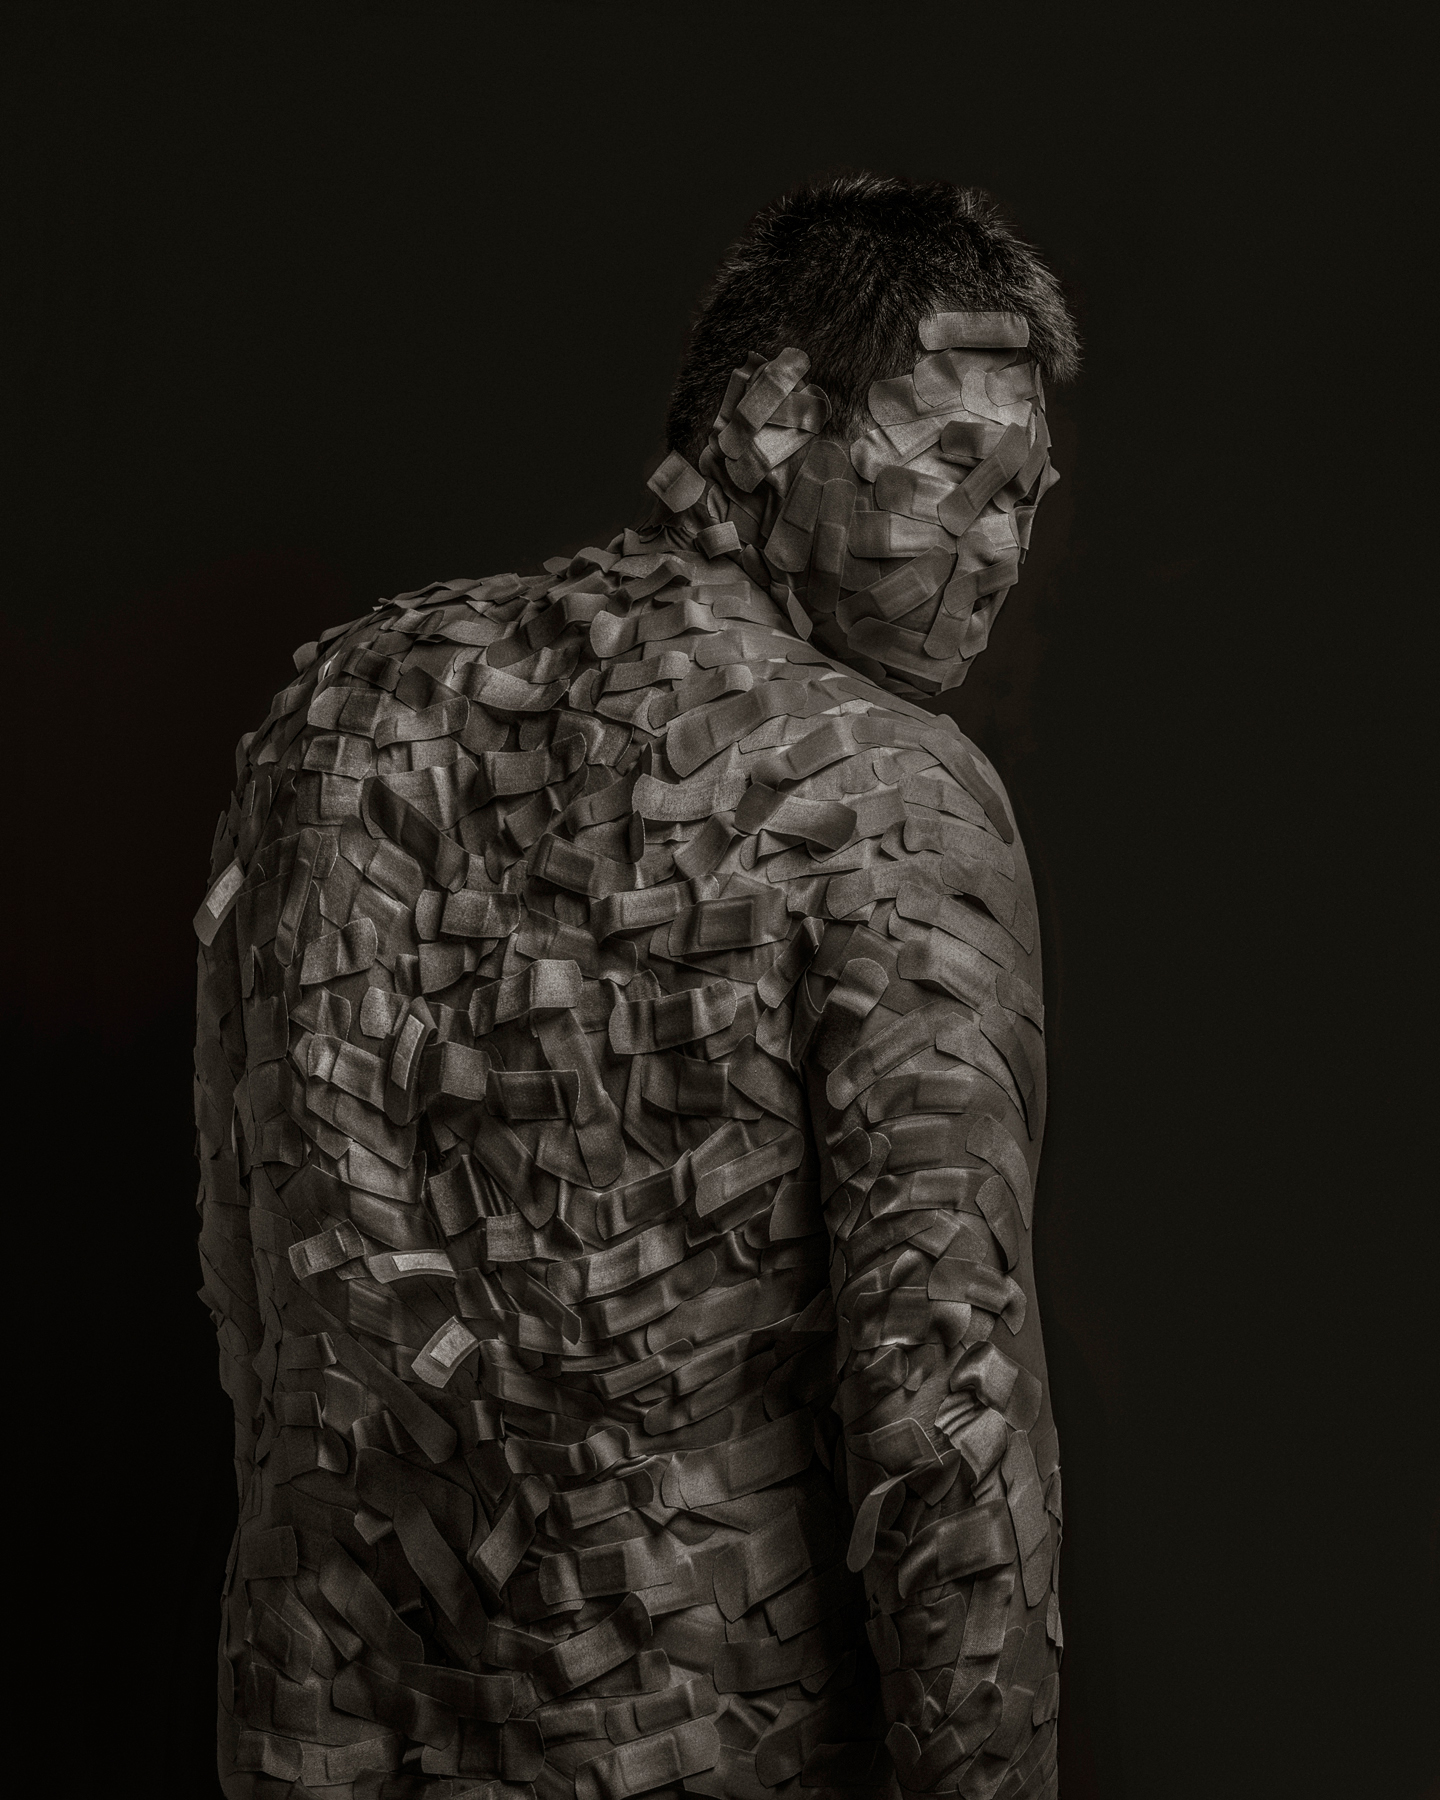 Bandage Portraits By Kai Nagayama